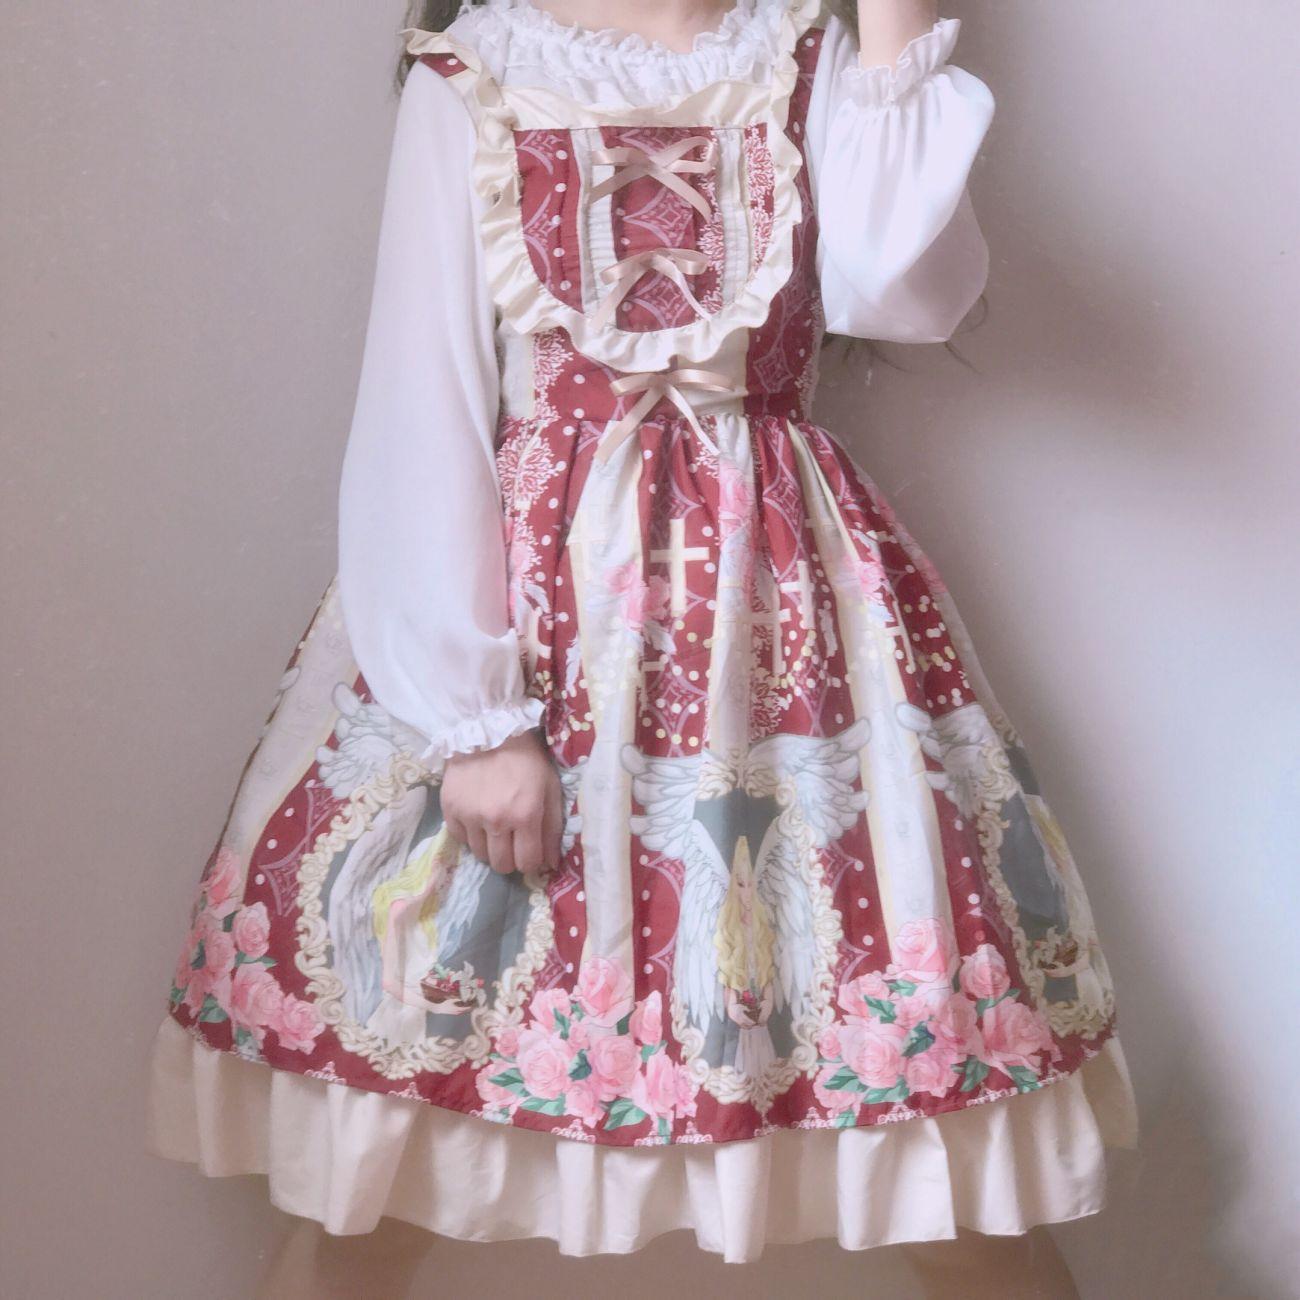 洛丽塔裙子女2019夏季新款lolita公主裙吊带裙中长款吊带连衣裙女